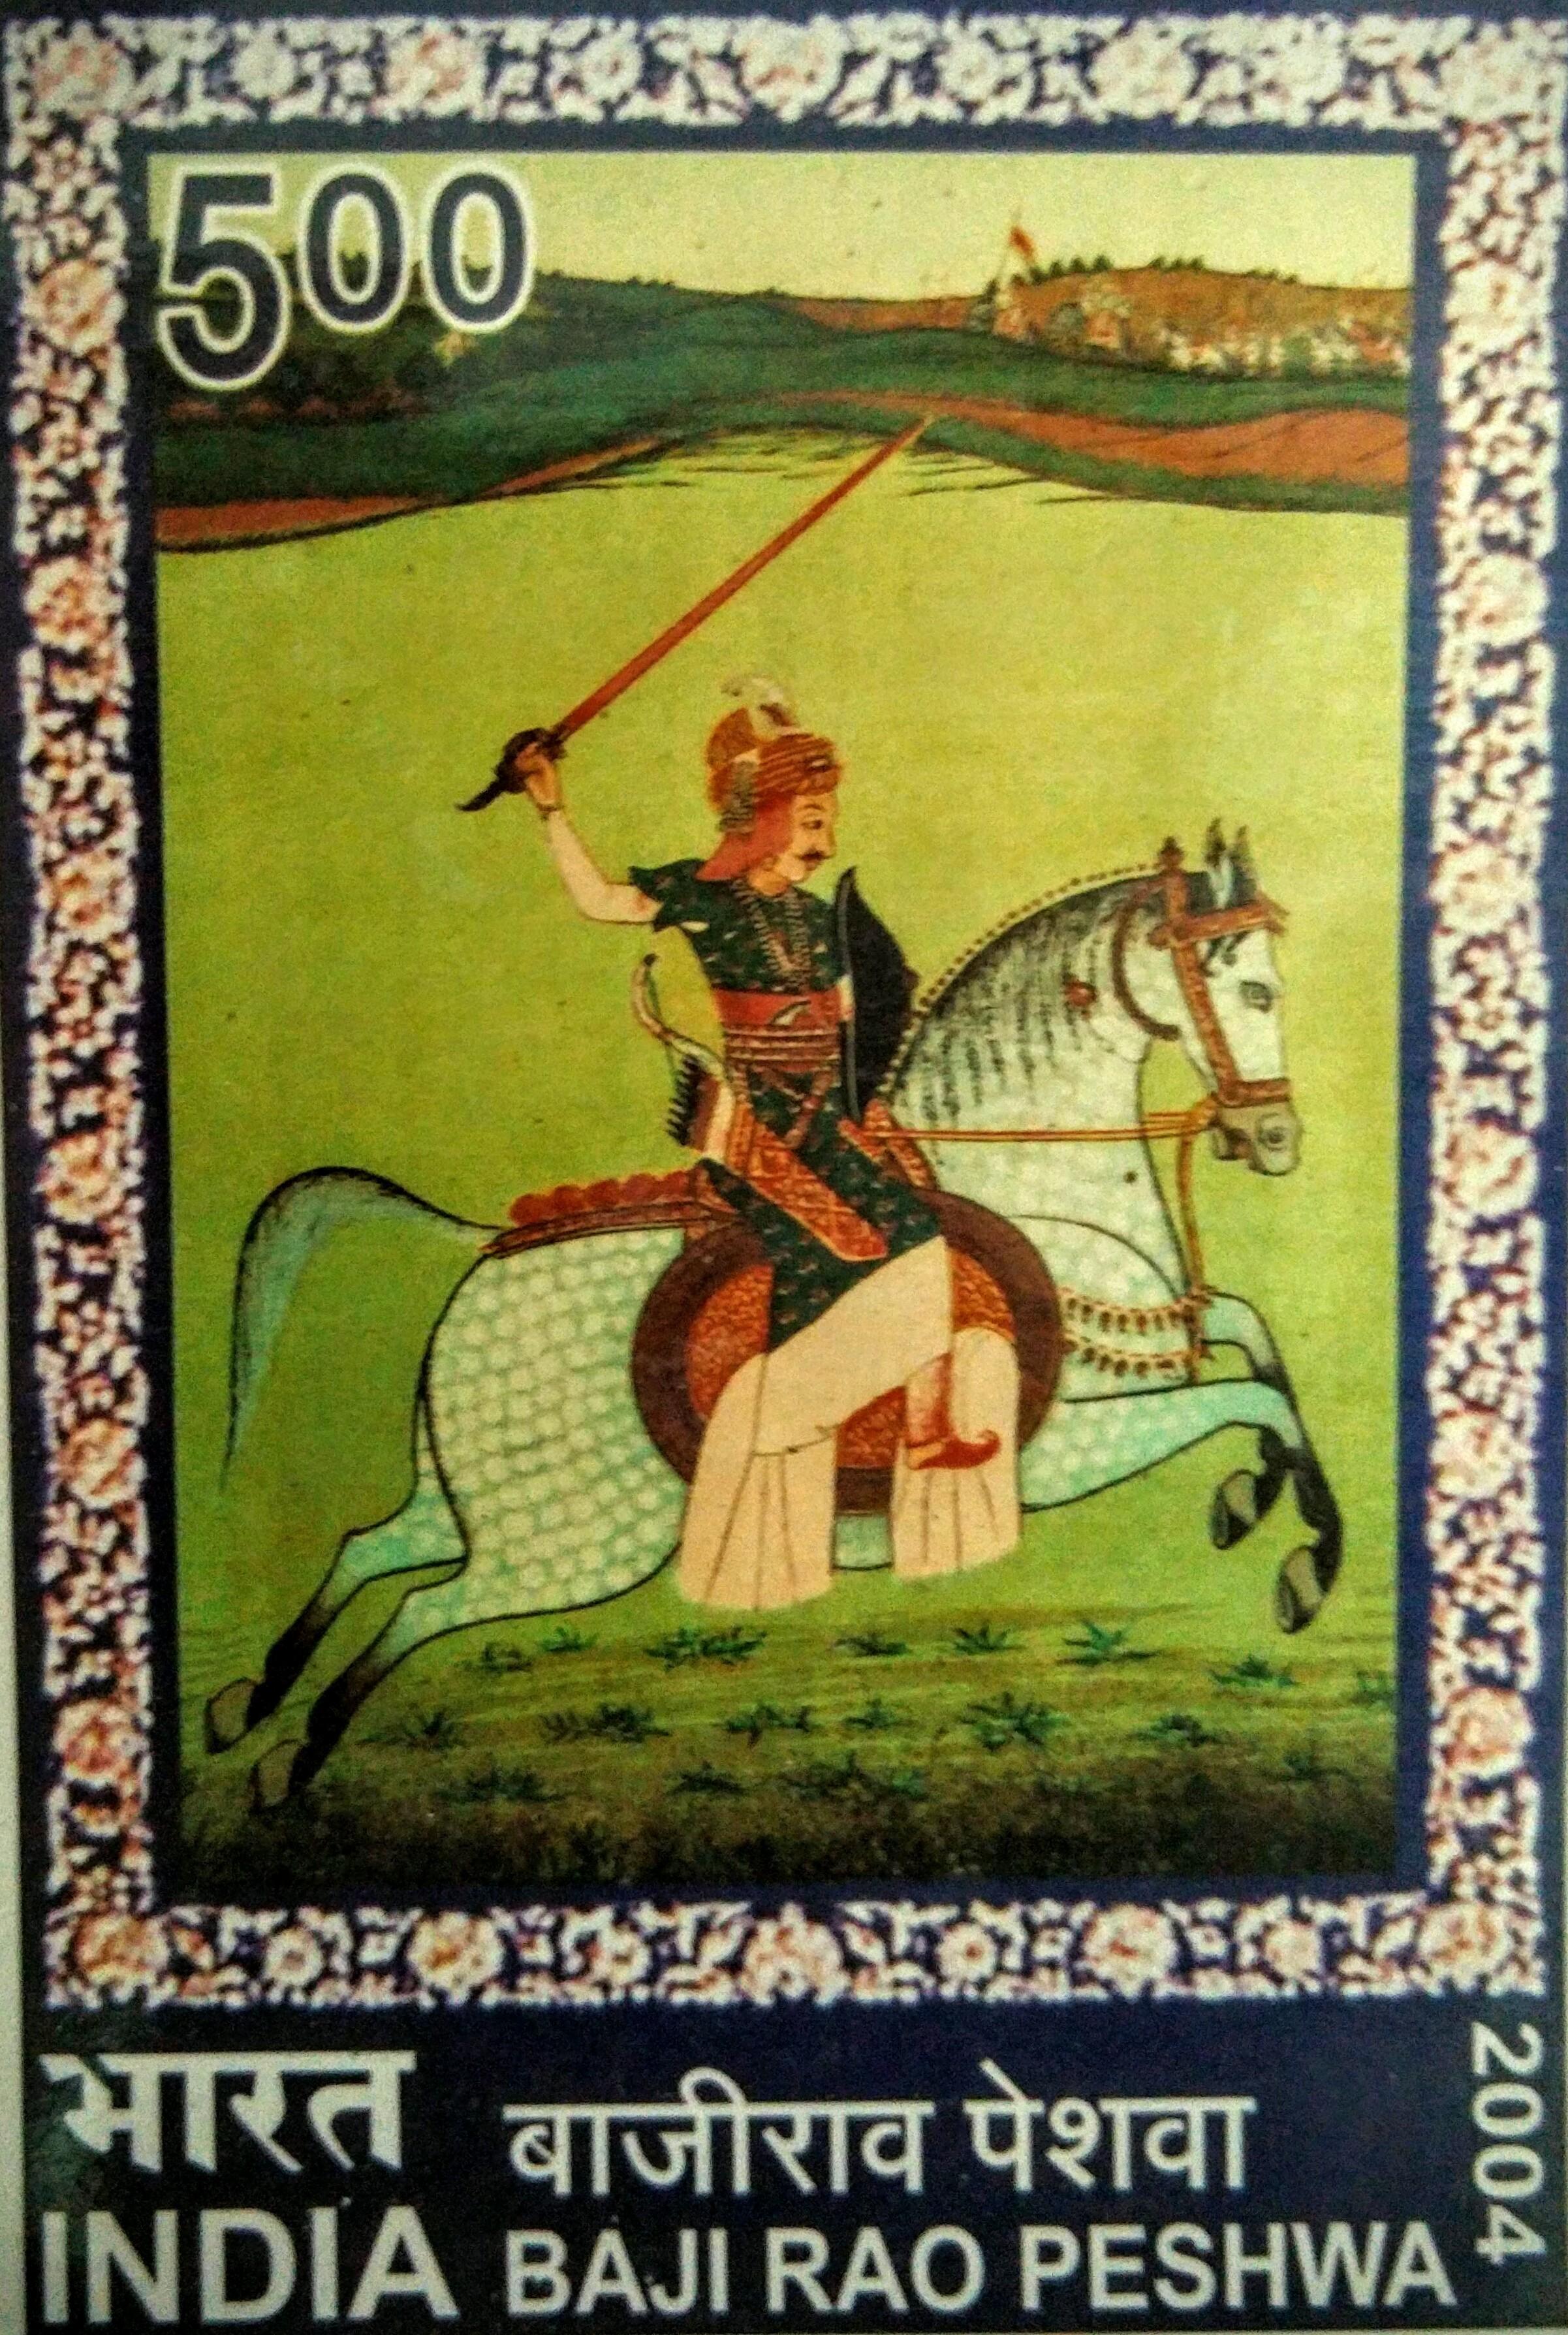 bajirao peshwa stamp